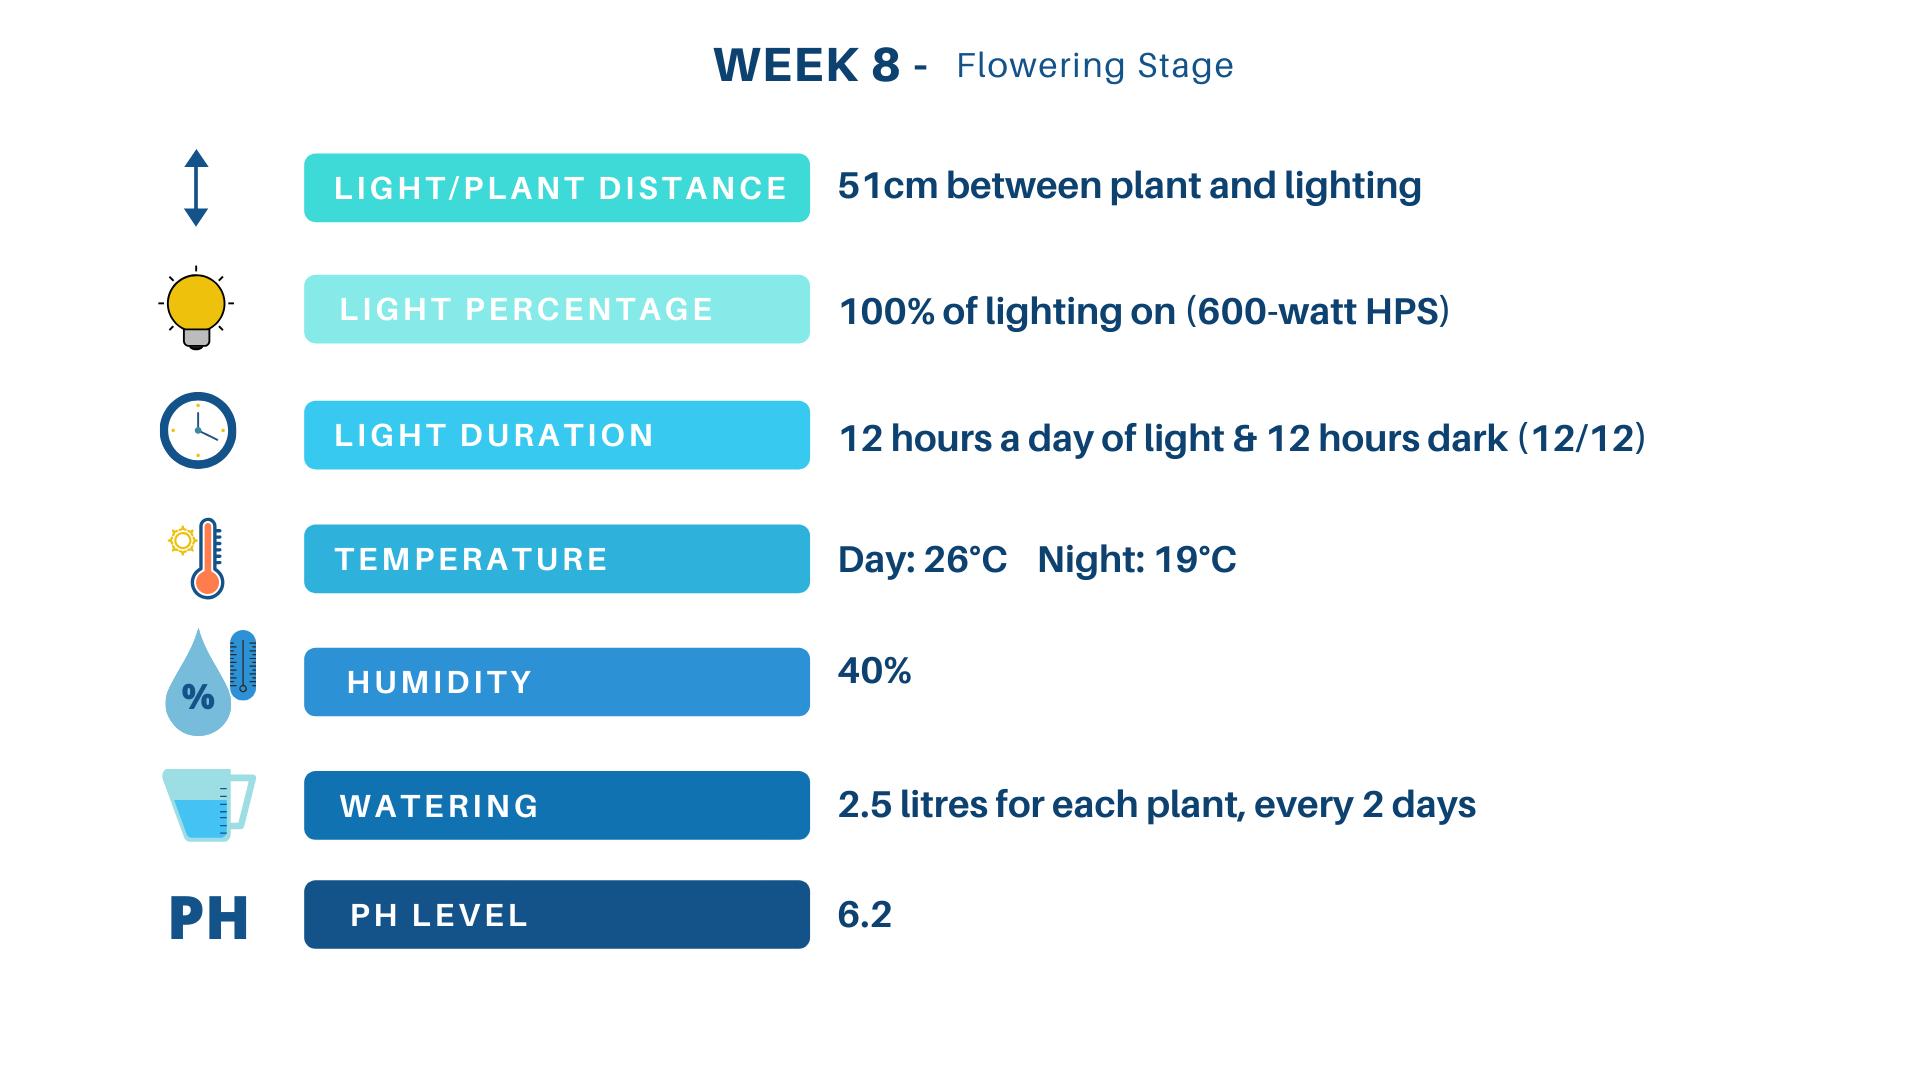 Grow schedule week 8 flowering stage